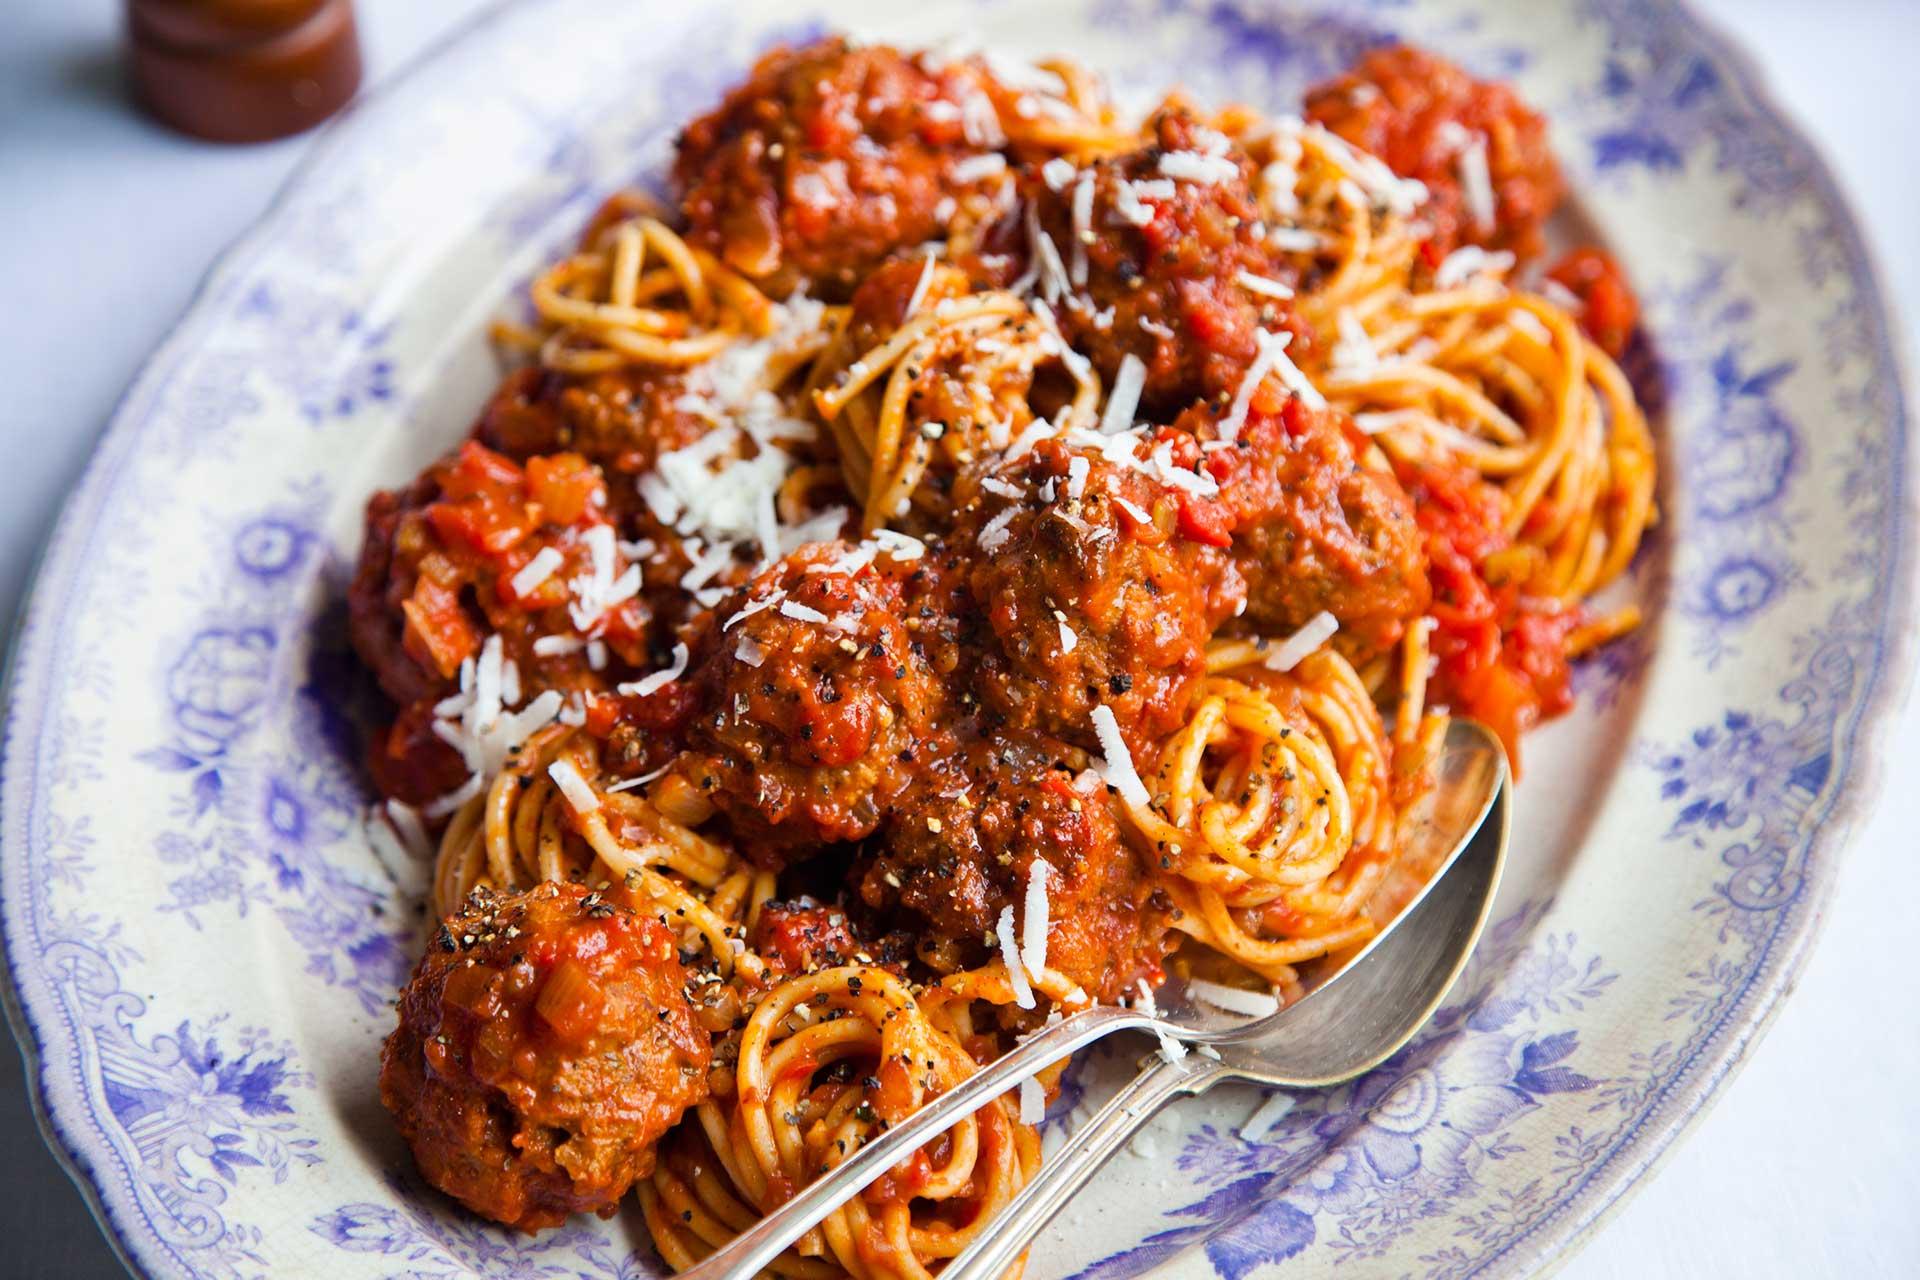 Nidi spaghetti con polpette patate cotechino lenticchie al sugo